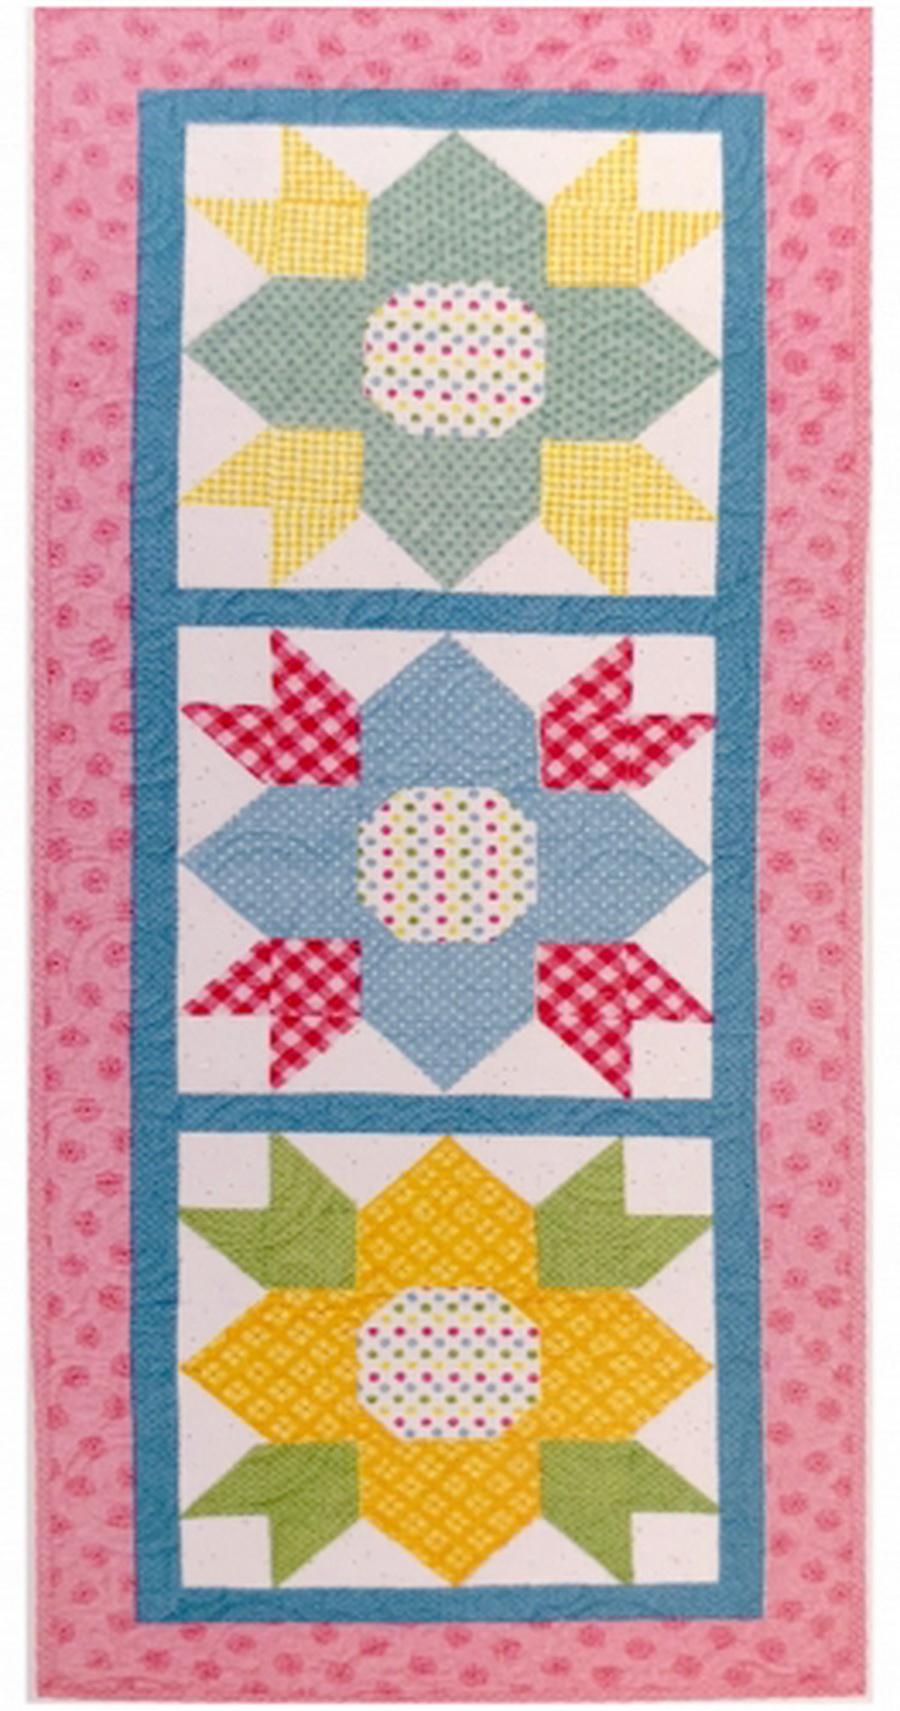 Riley Blake May Blossoms Table Runner Fabric Kit